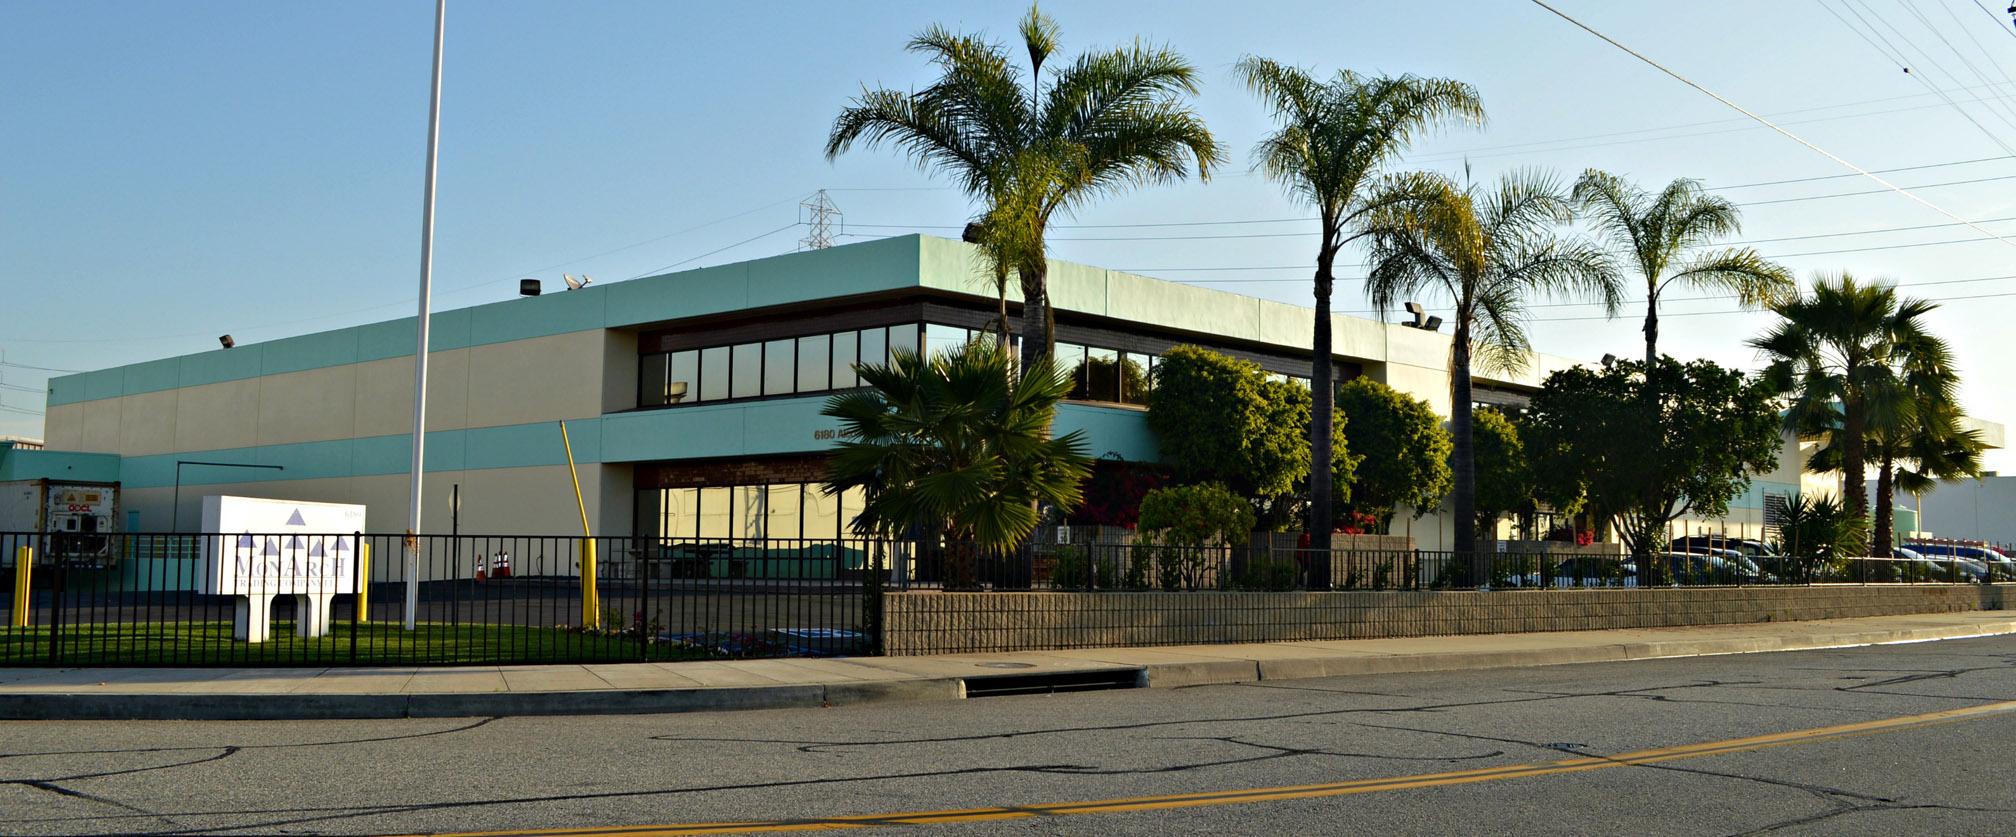 6180 Alcoa Ave, Commerce